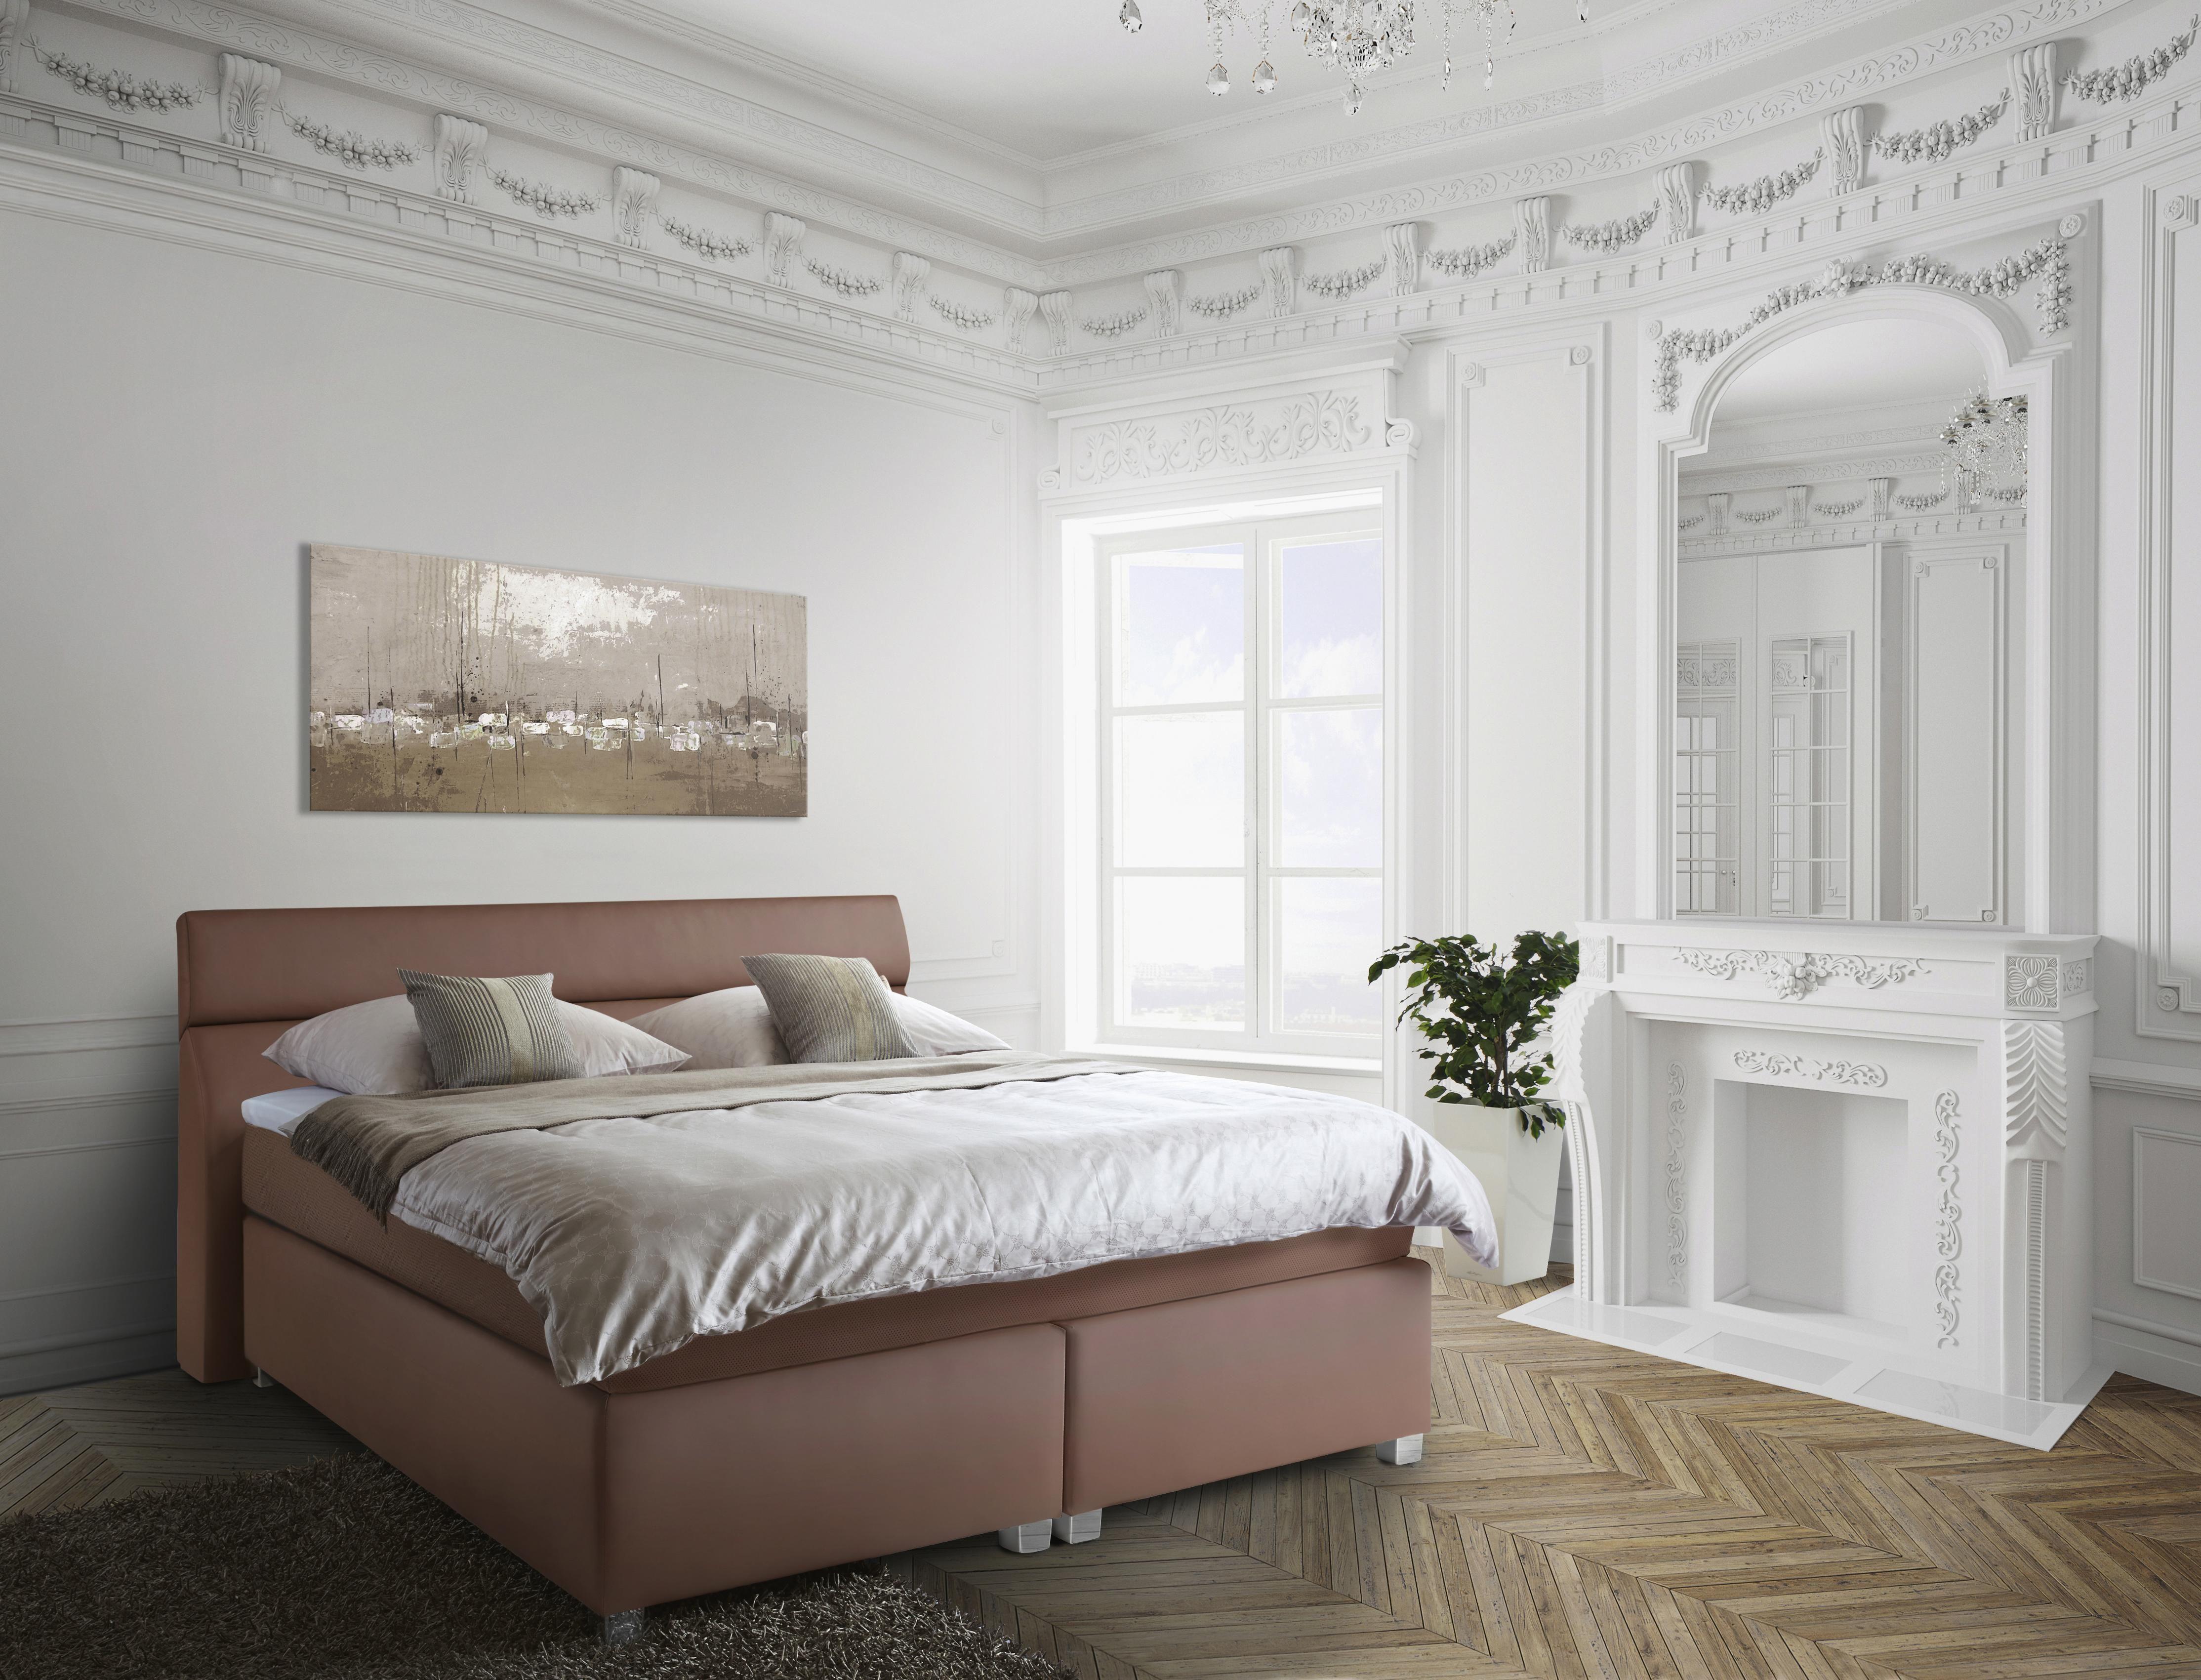 das boxspringbett ist der garant f r guten schlaf die grundlage daf r bildet die hohe box auf. Black Bedroom Furniture Sets. Home Design Ideas